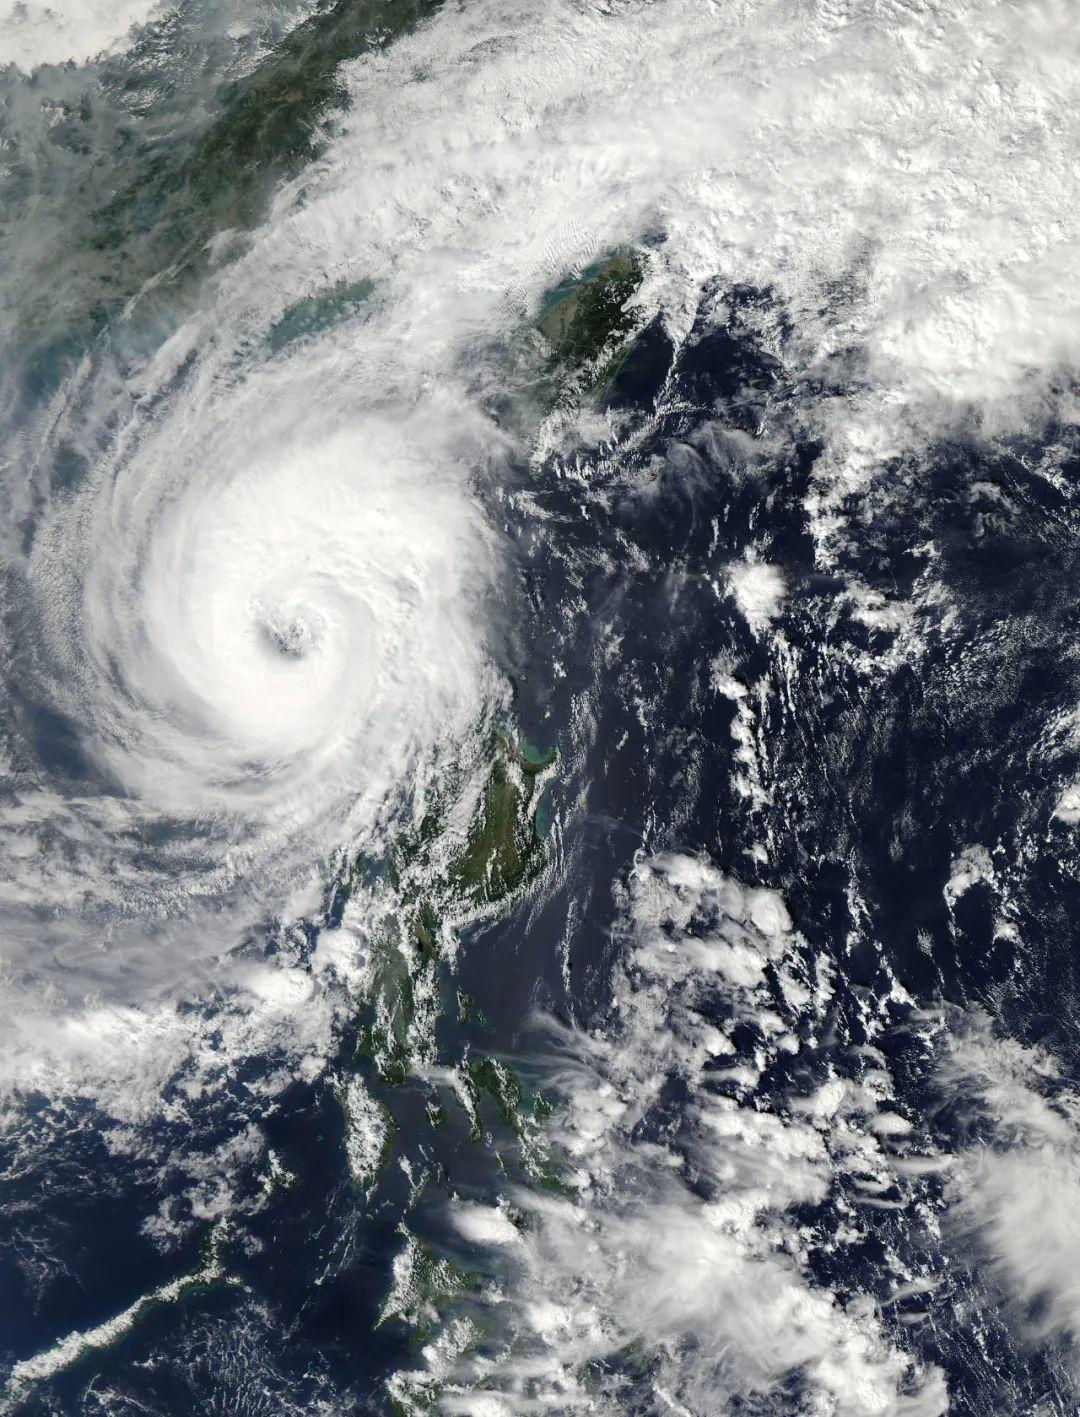 在被臺風送走之前,我想知道它到底是個啥?